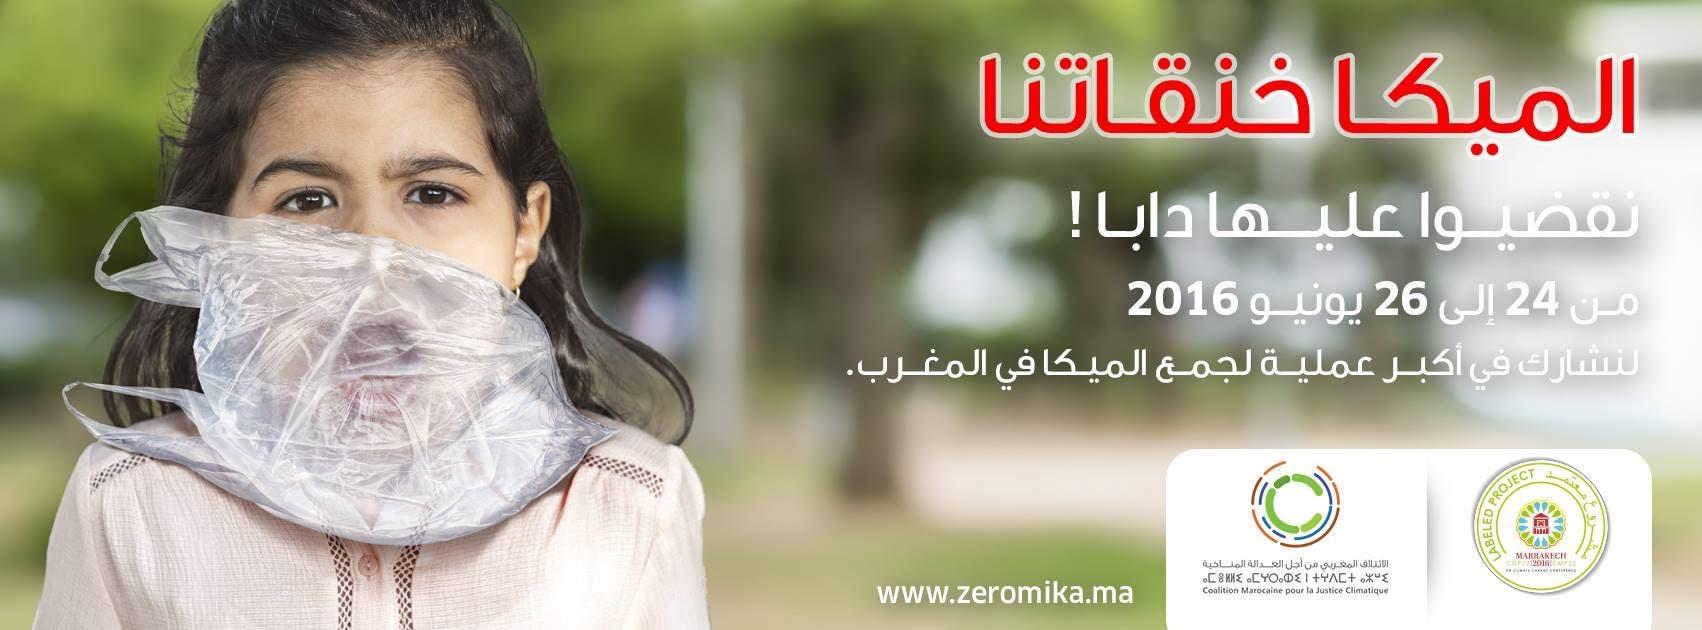 إطلاق حملة إستبدال الميكا بالمغرب